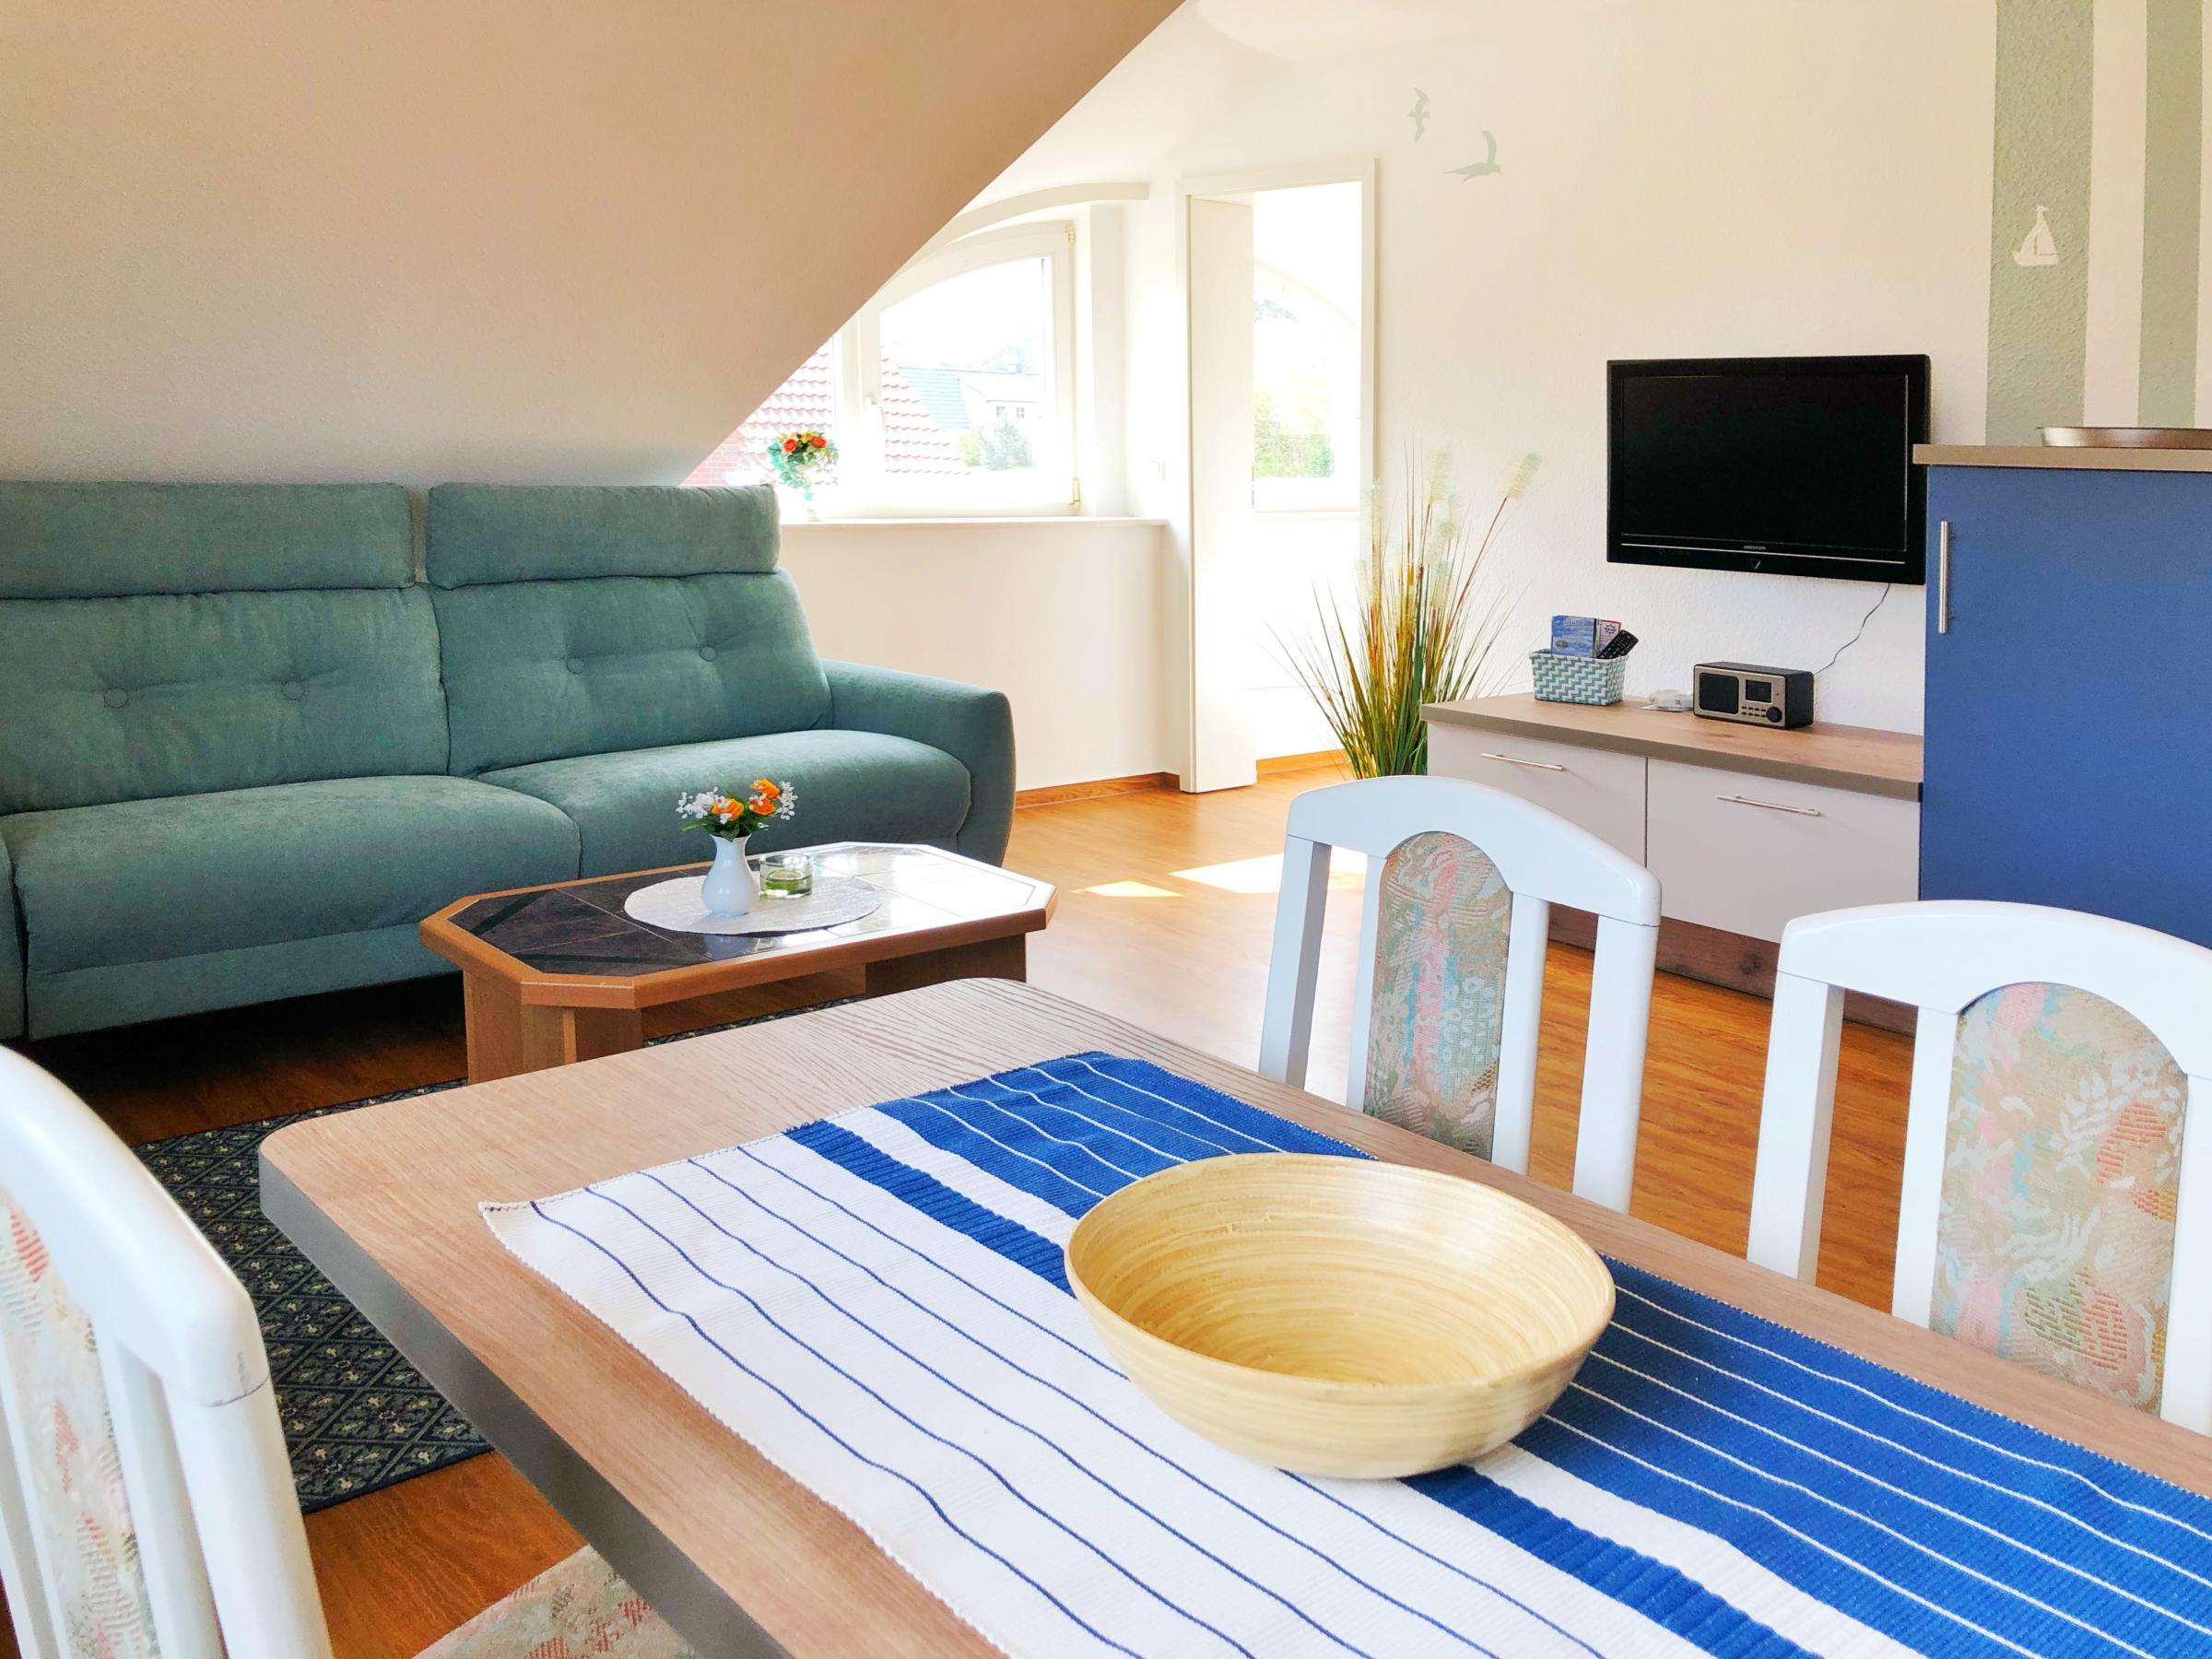 Auch vom Esstisch können Sie entspannt das Fernsehprogramm auf einem 40 Zoll SMART TV mit WLAN Anschluss verfolgen.